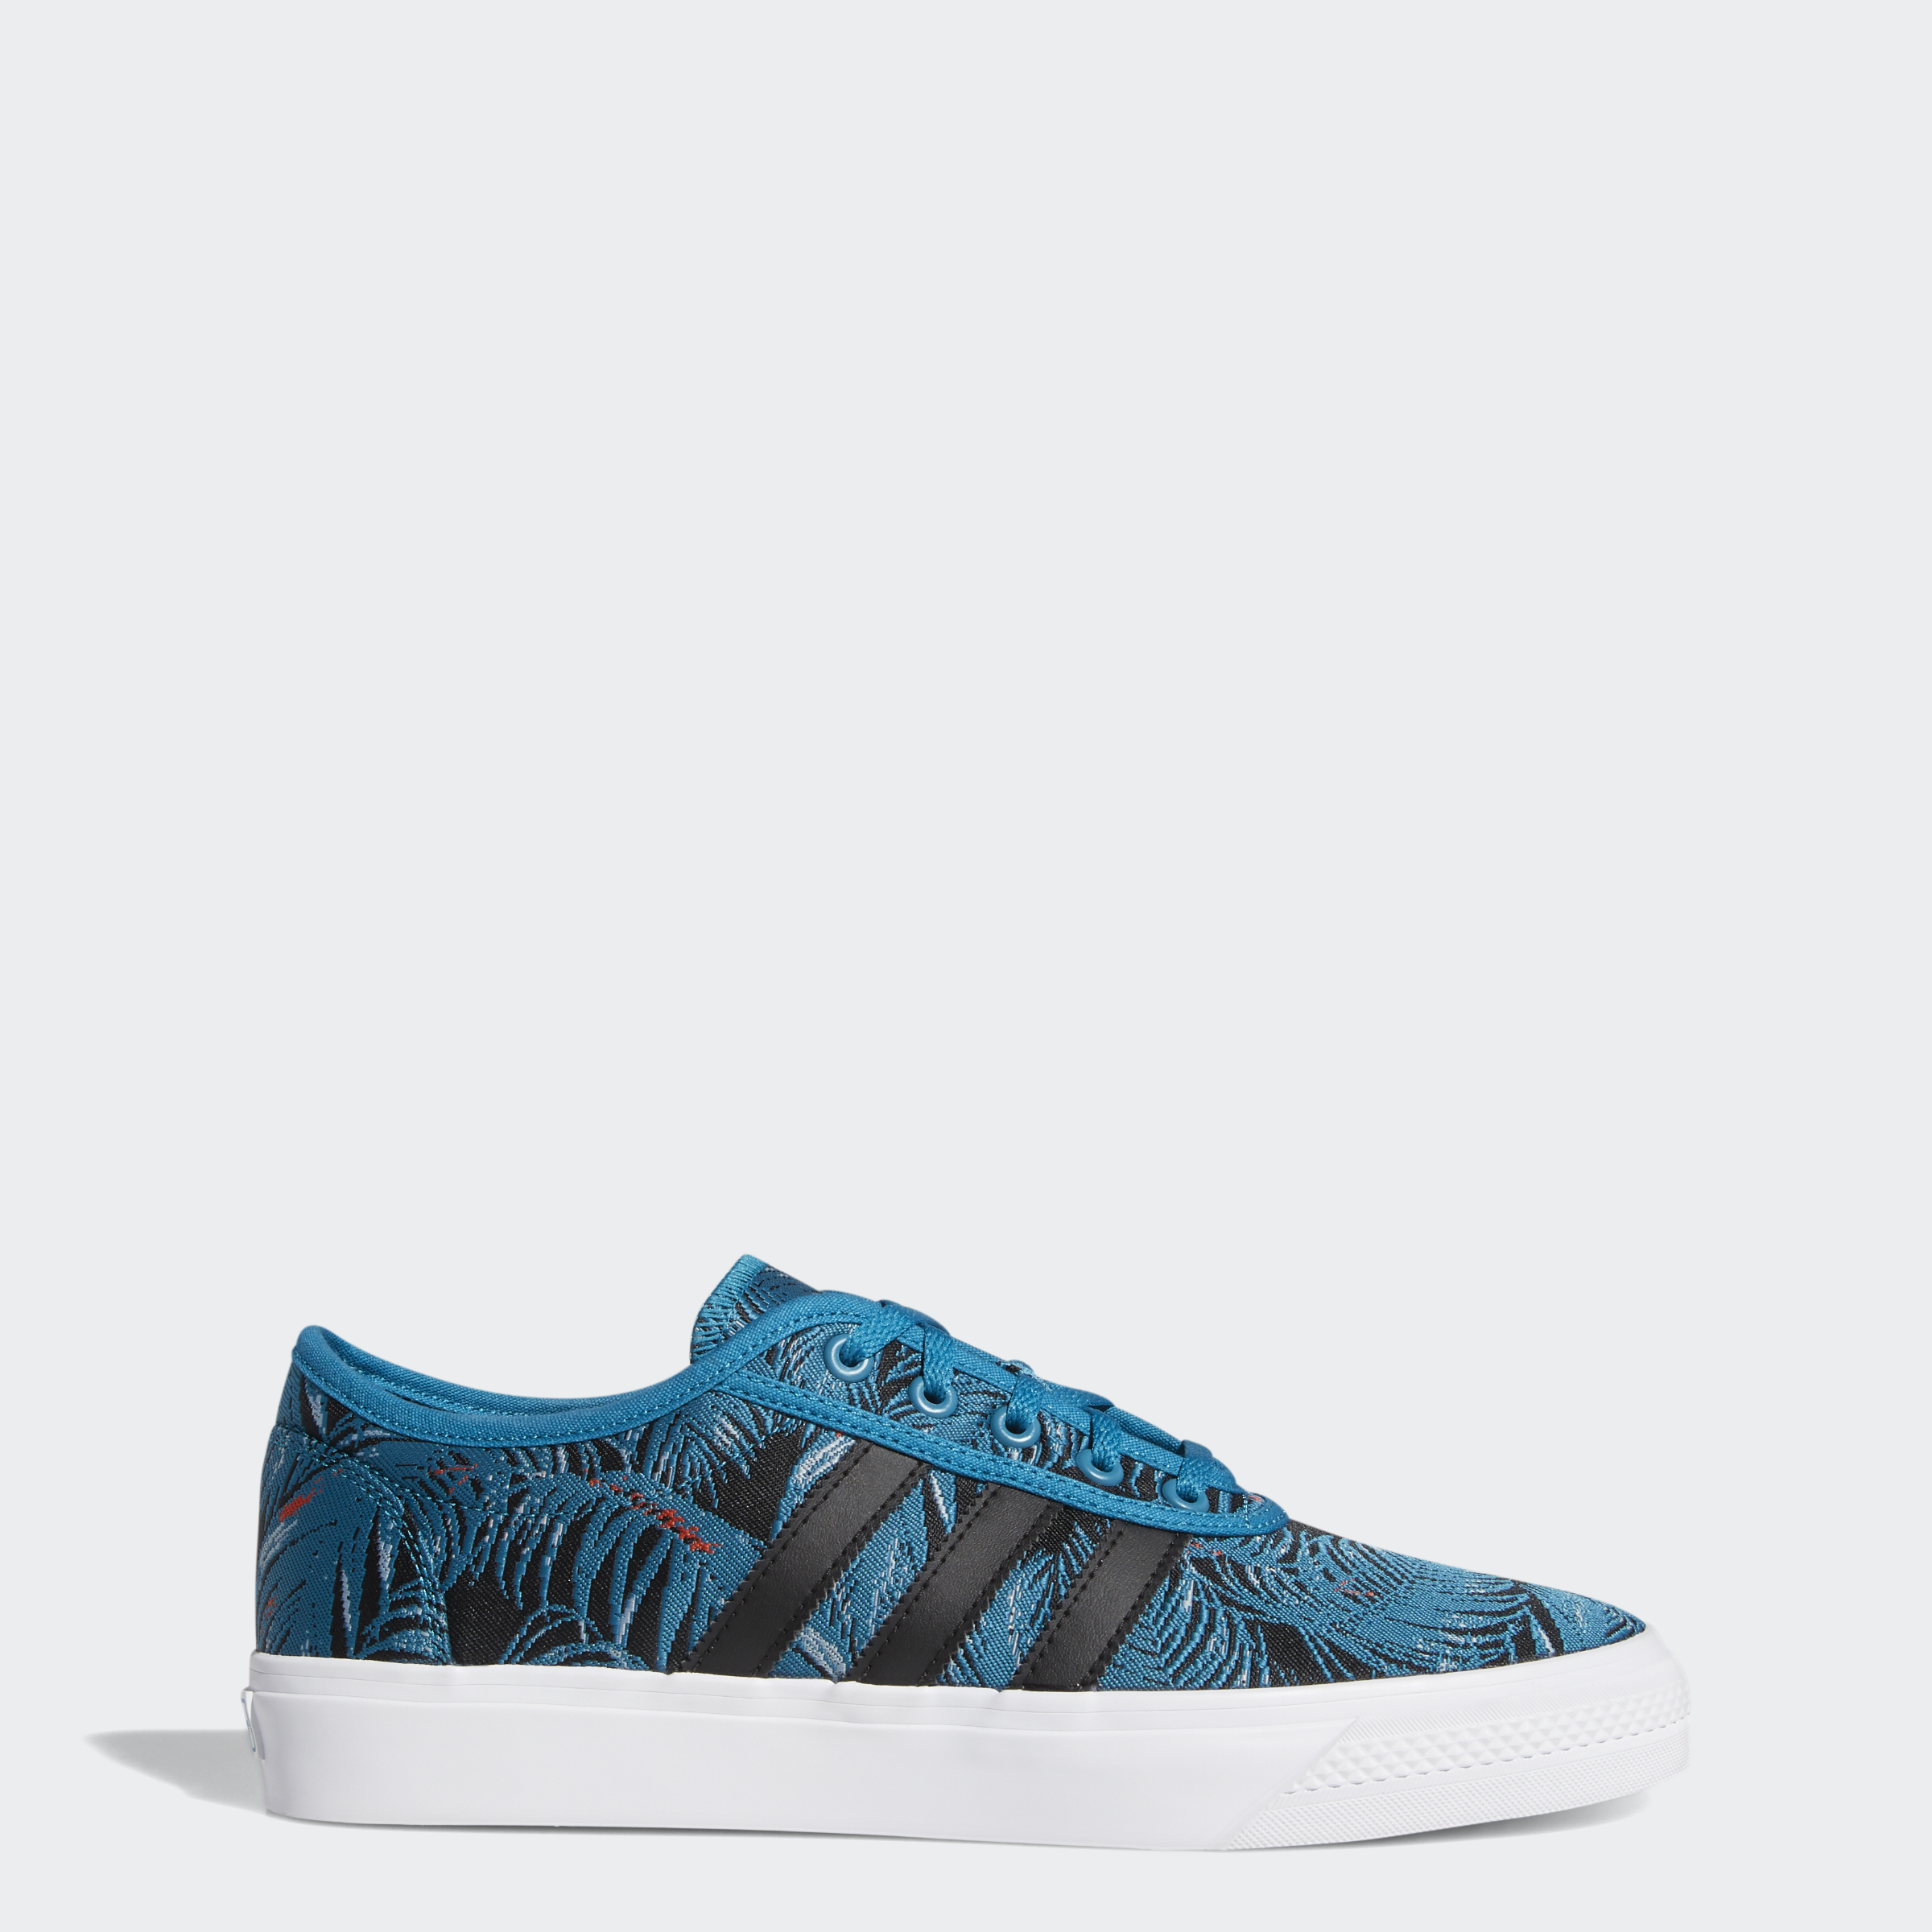 Adidas Nizza Hi Blue \u0026 Off White END.